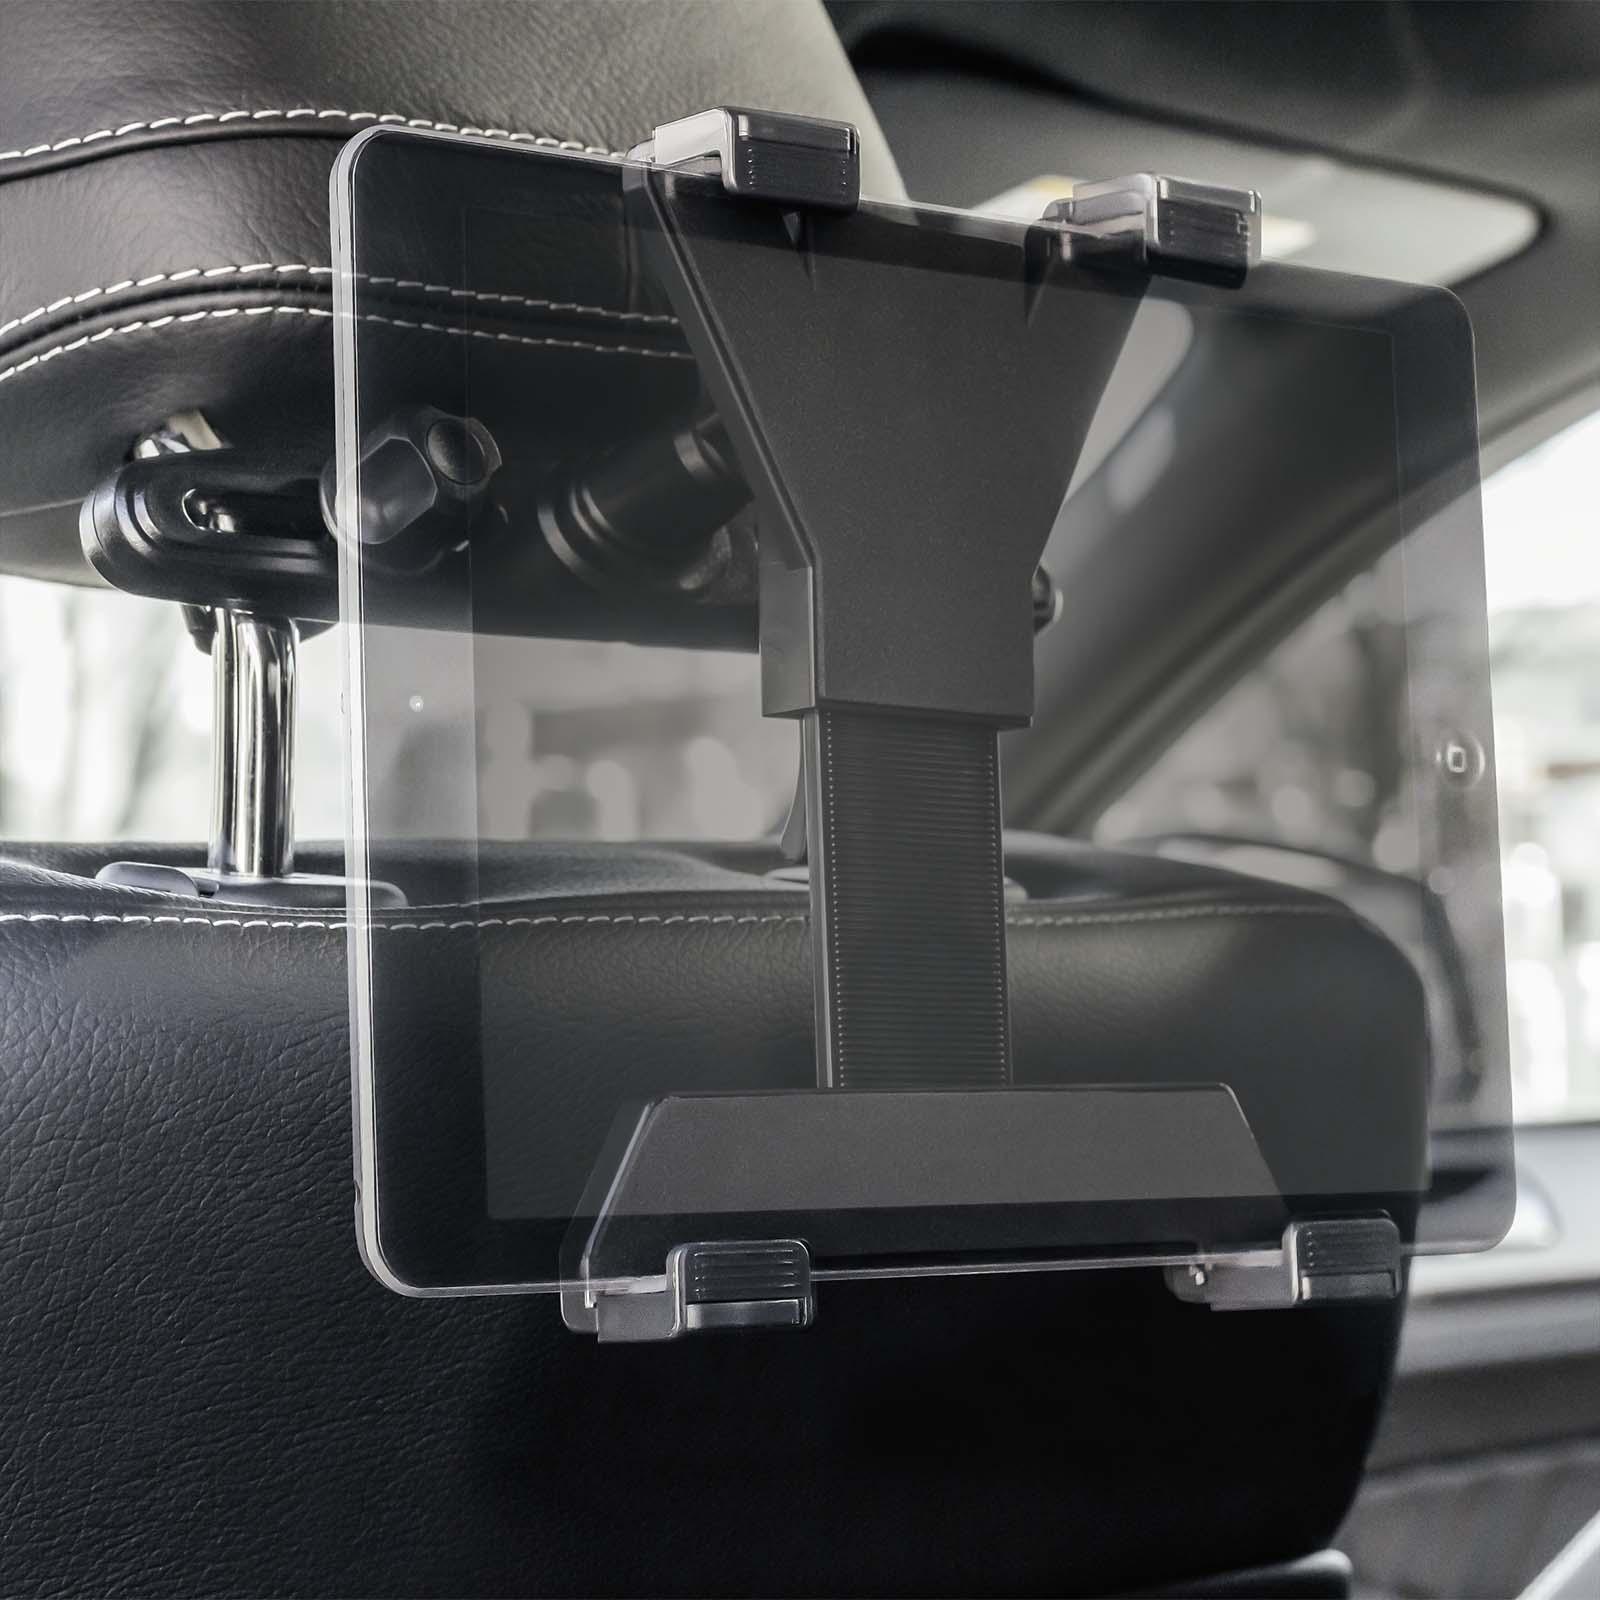 360 universal kopfst tzen halterung tablet halter kfz holder auto sitzhalterung tablet. Black Bedroom Furniture Sets. Home Design Ideas